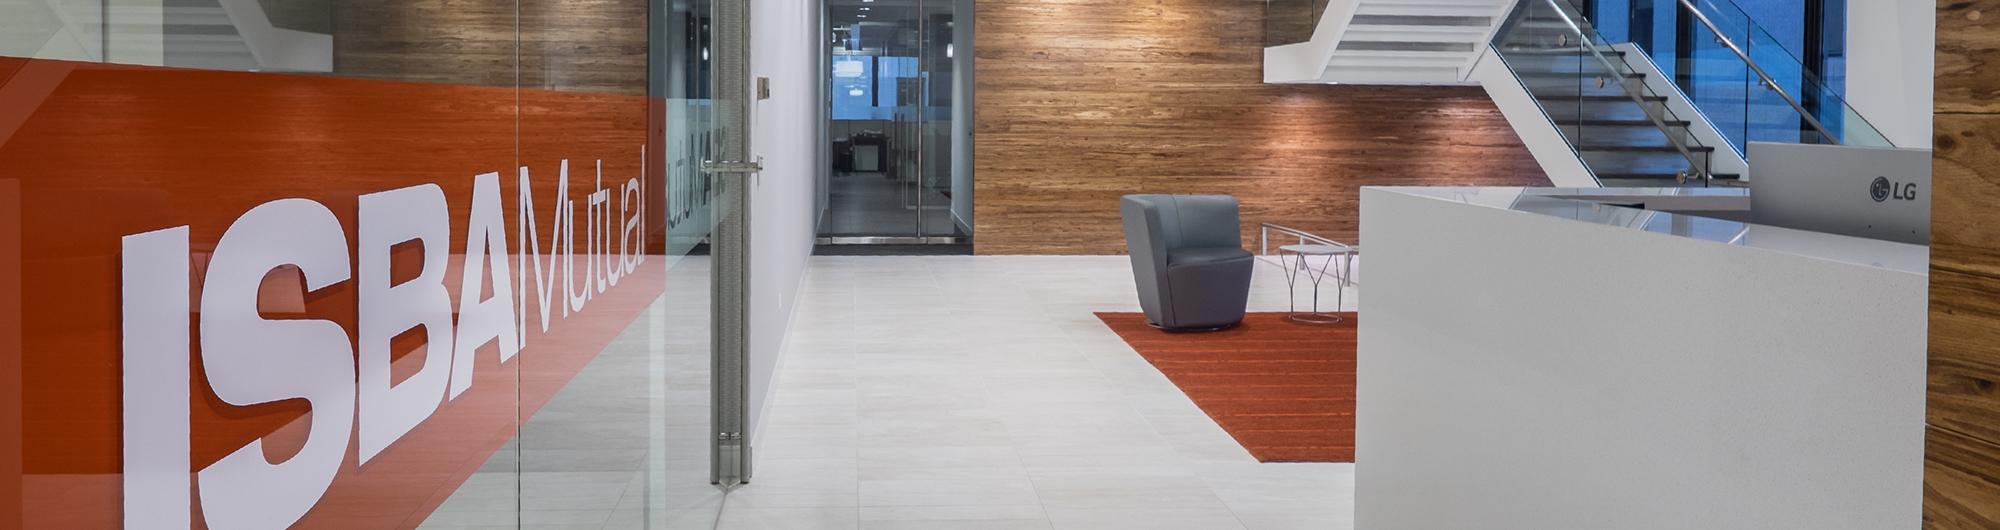 interior photo of lobby ISBA Mutual Insurance Company